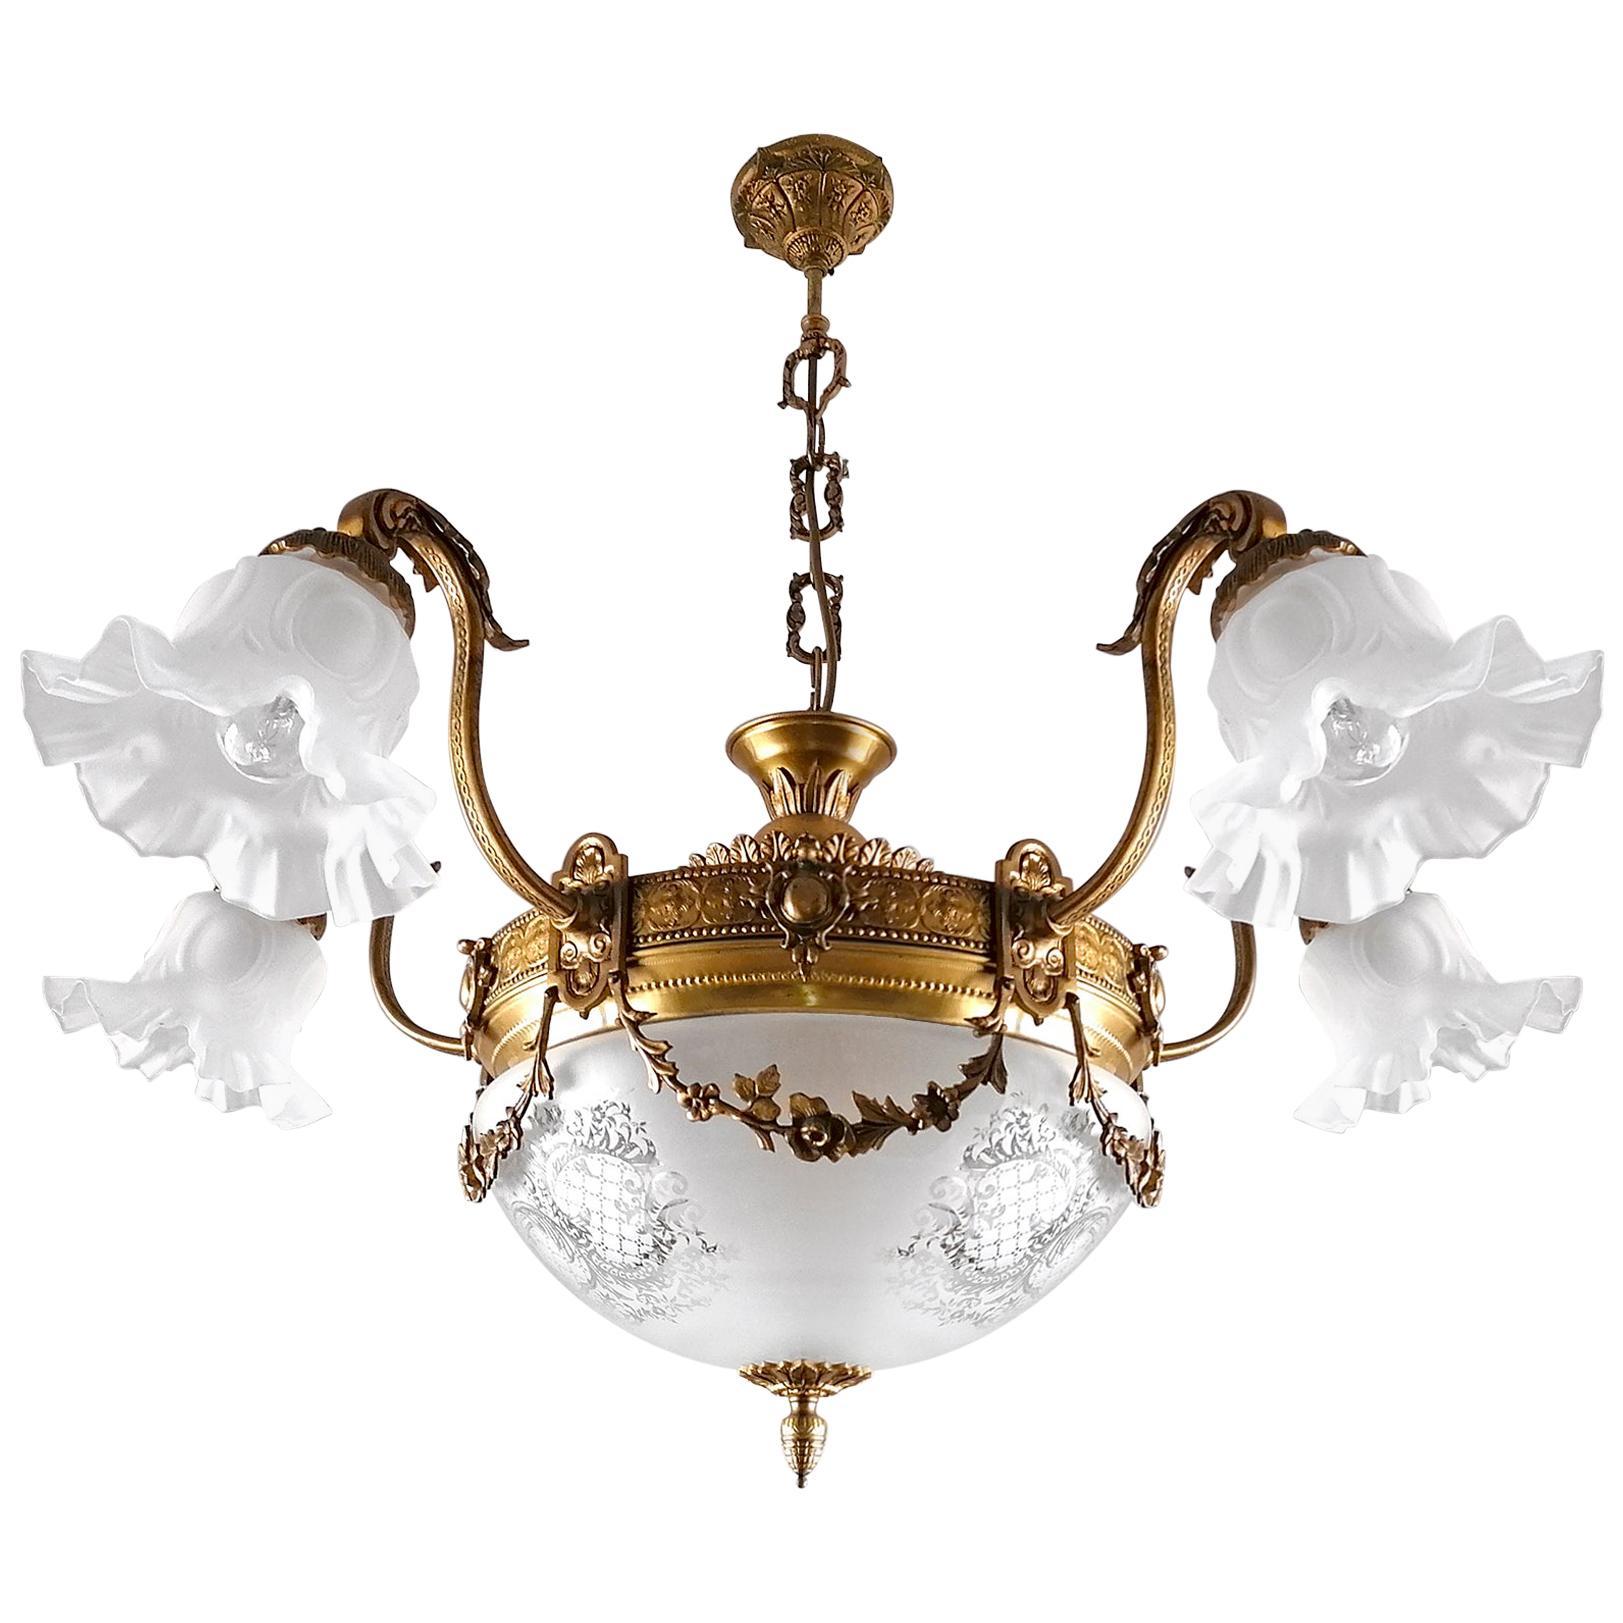 Large French Art Nouveau Empire Gilt Bronze Etched & Glass Chandelier, c1920